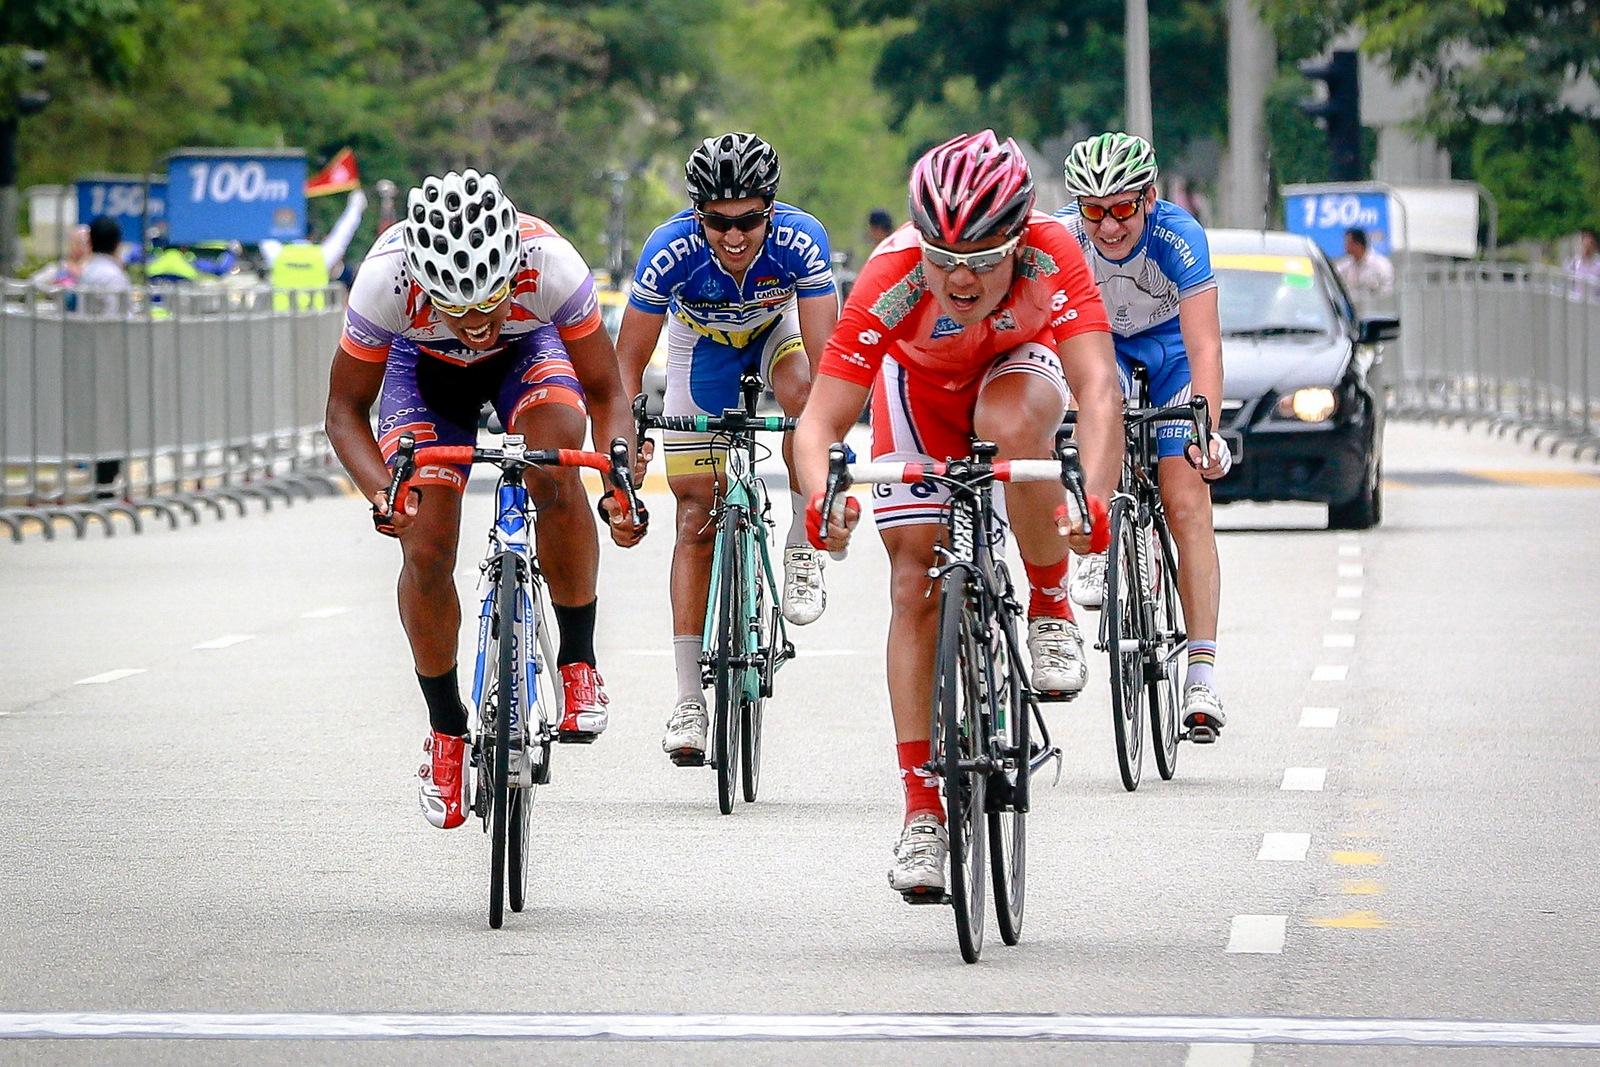 Jelajah Malaysia 2014 - Stage 4